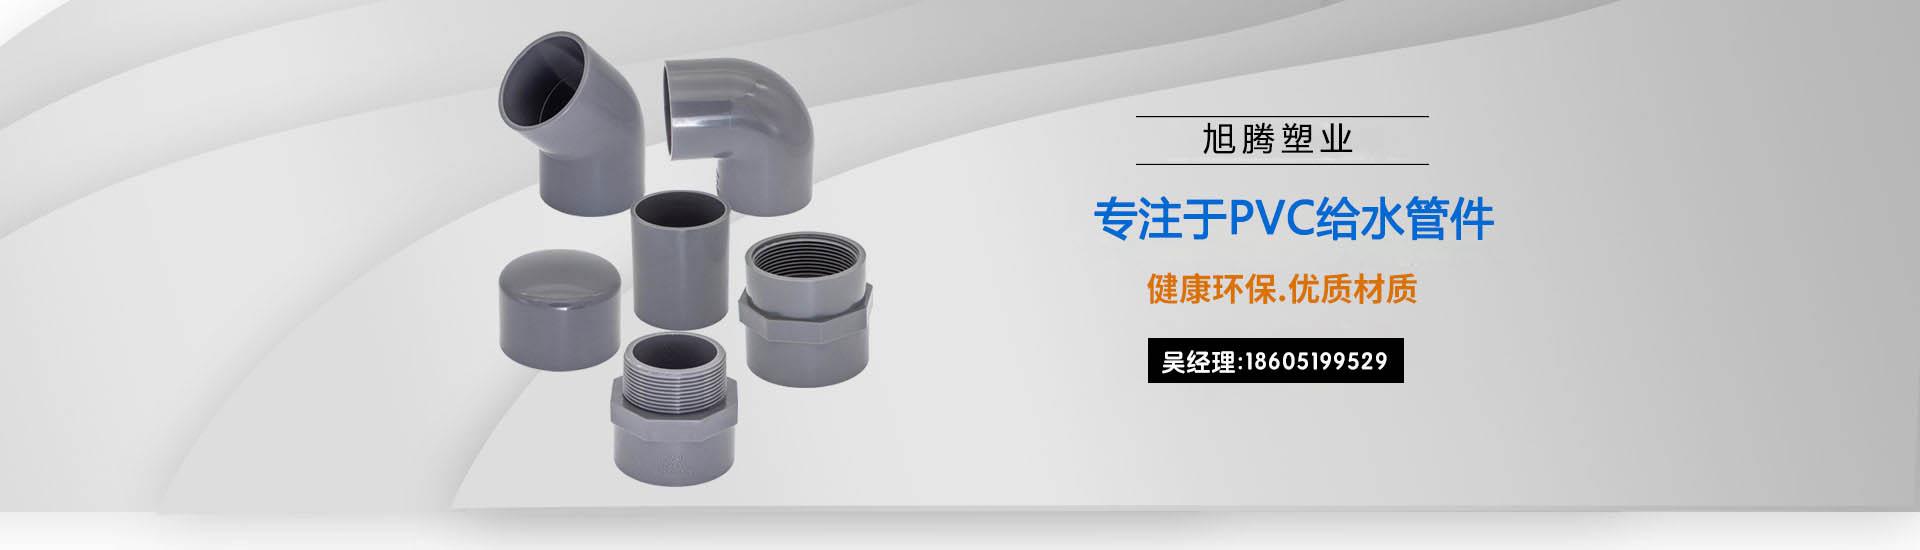 pvc给水管件,PPH工业管件,PVC弯头,PVC普通球阀,PVC三通,PVC法兰产品展示